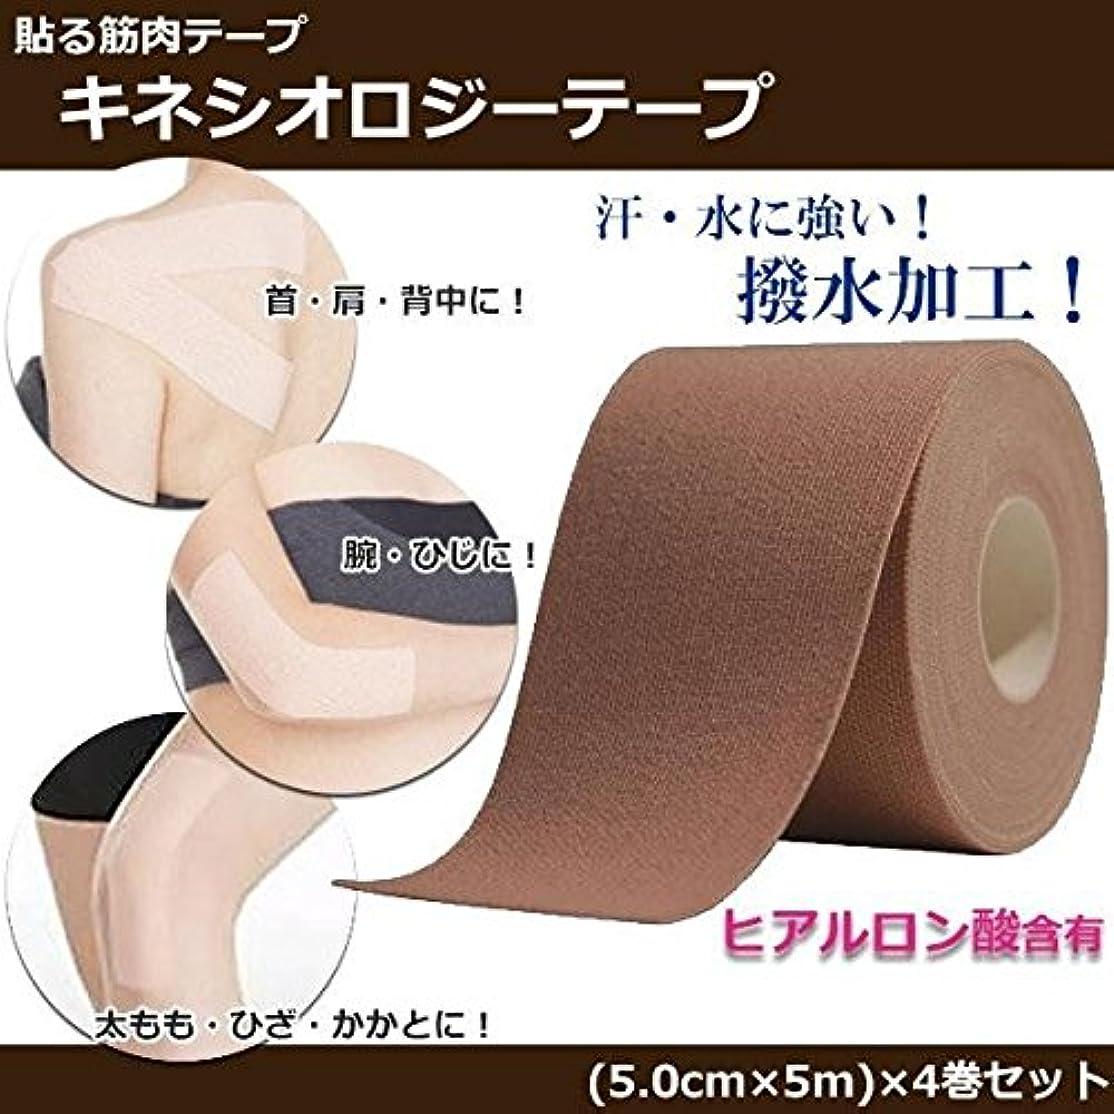 マチュピチュせせらぎ反響する貼る筋肉テープ キネシオロジーテープ ヒアルロン酸含有 日本製 4巻セット